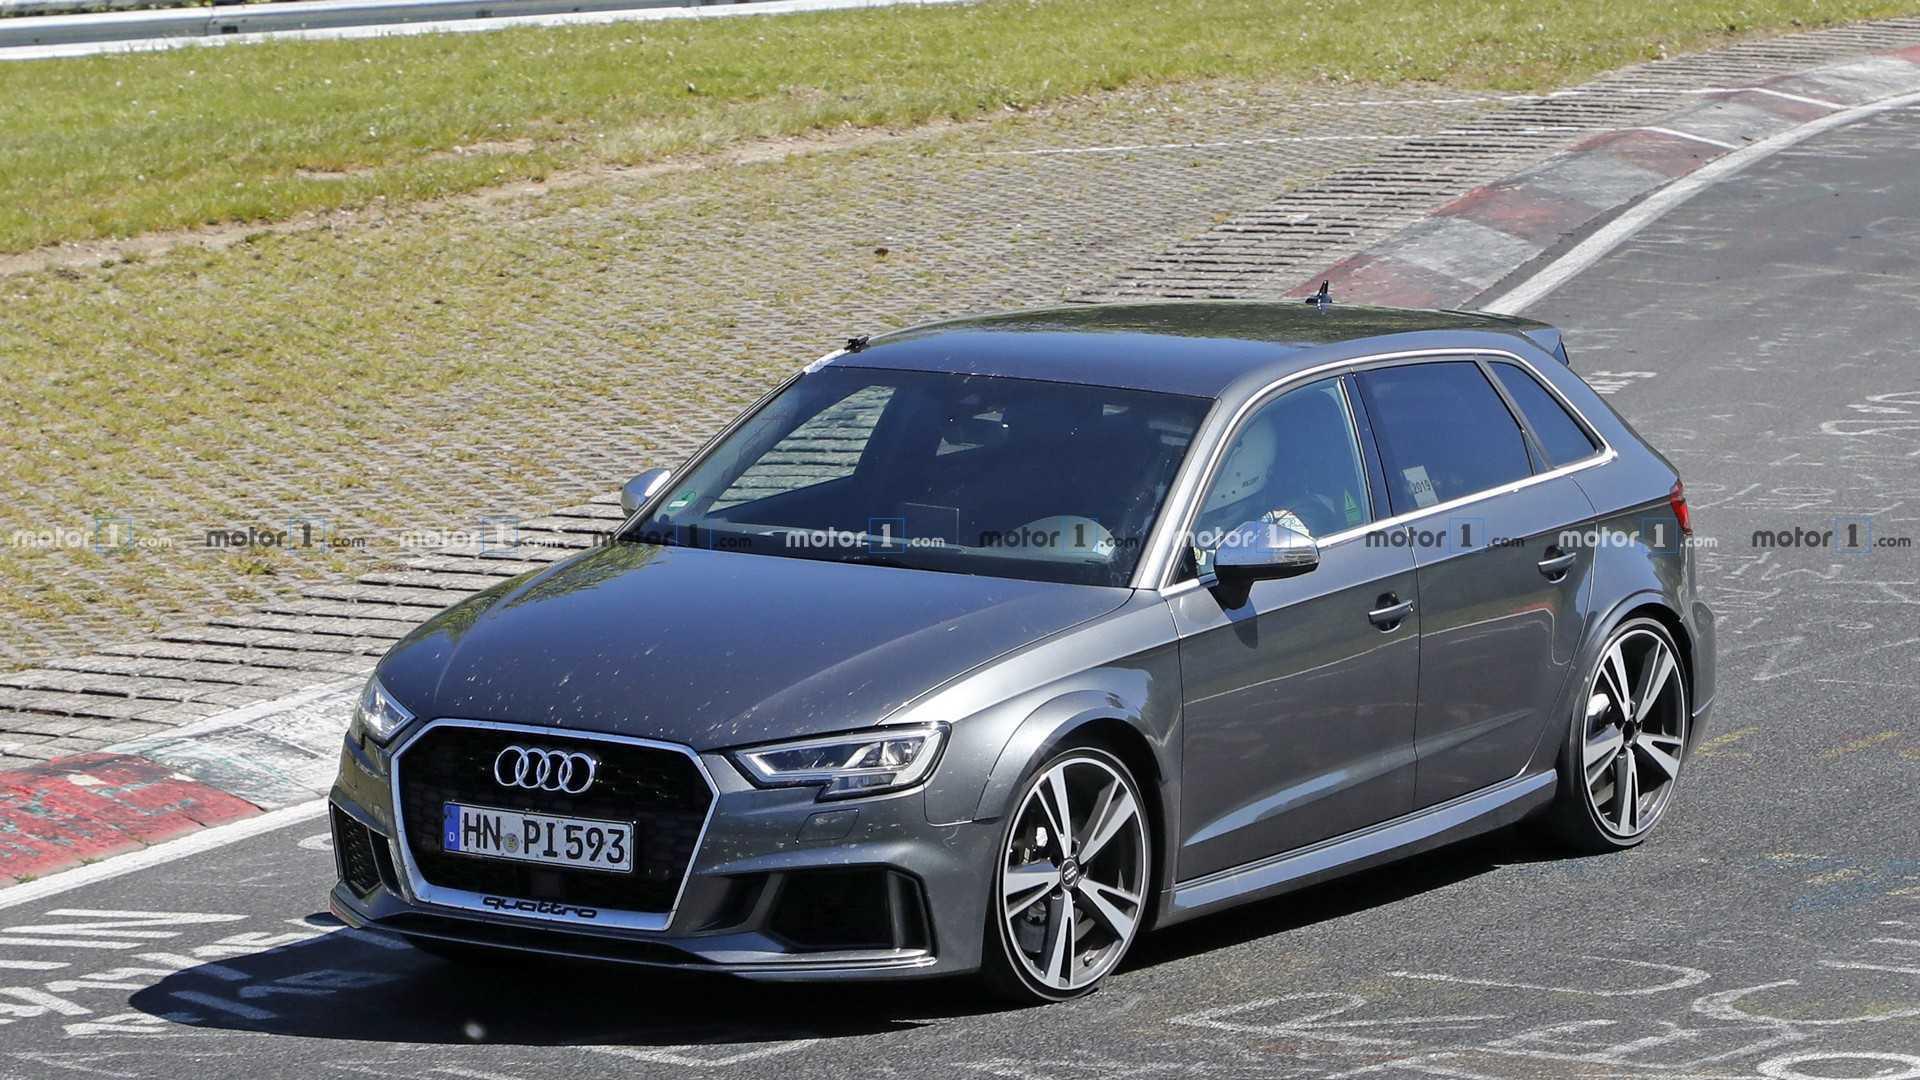 Kelebihan Kekurangan Audi A3 Rs3 Tangguh